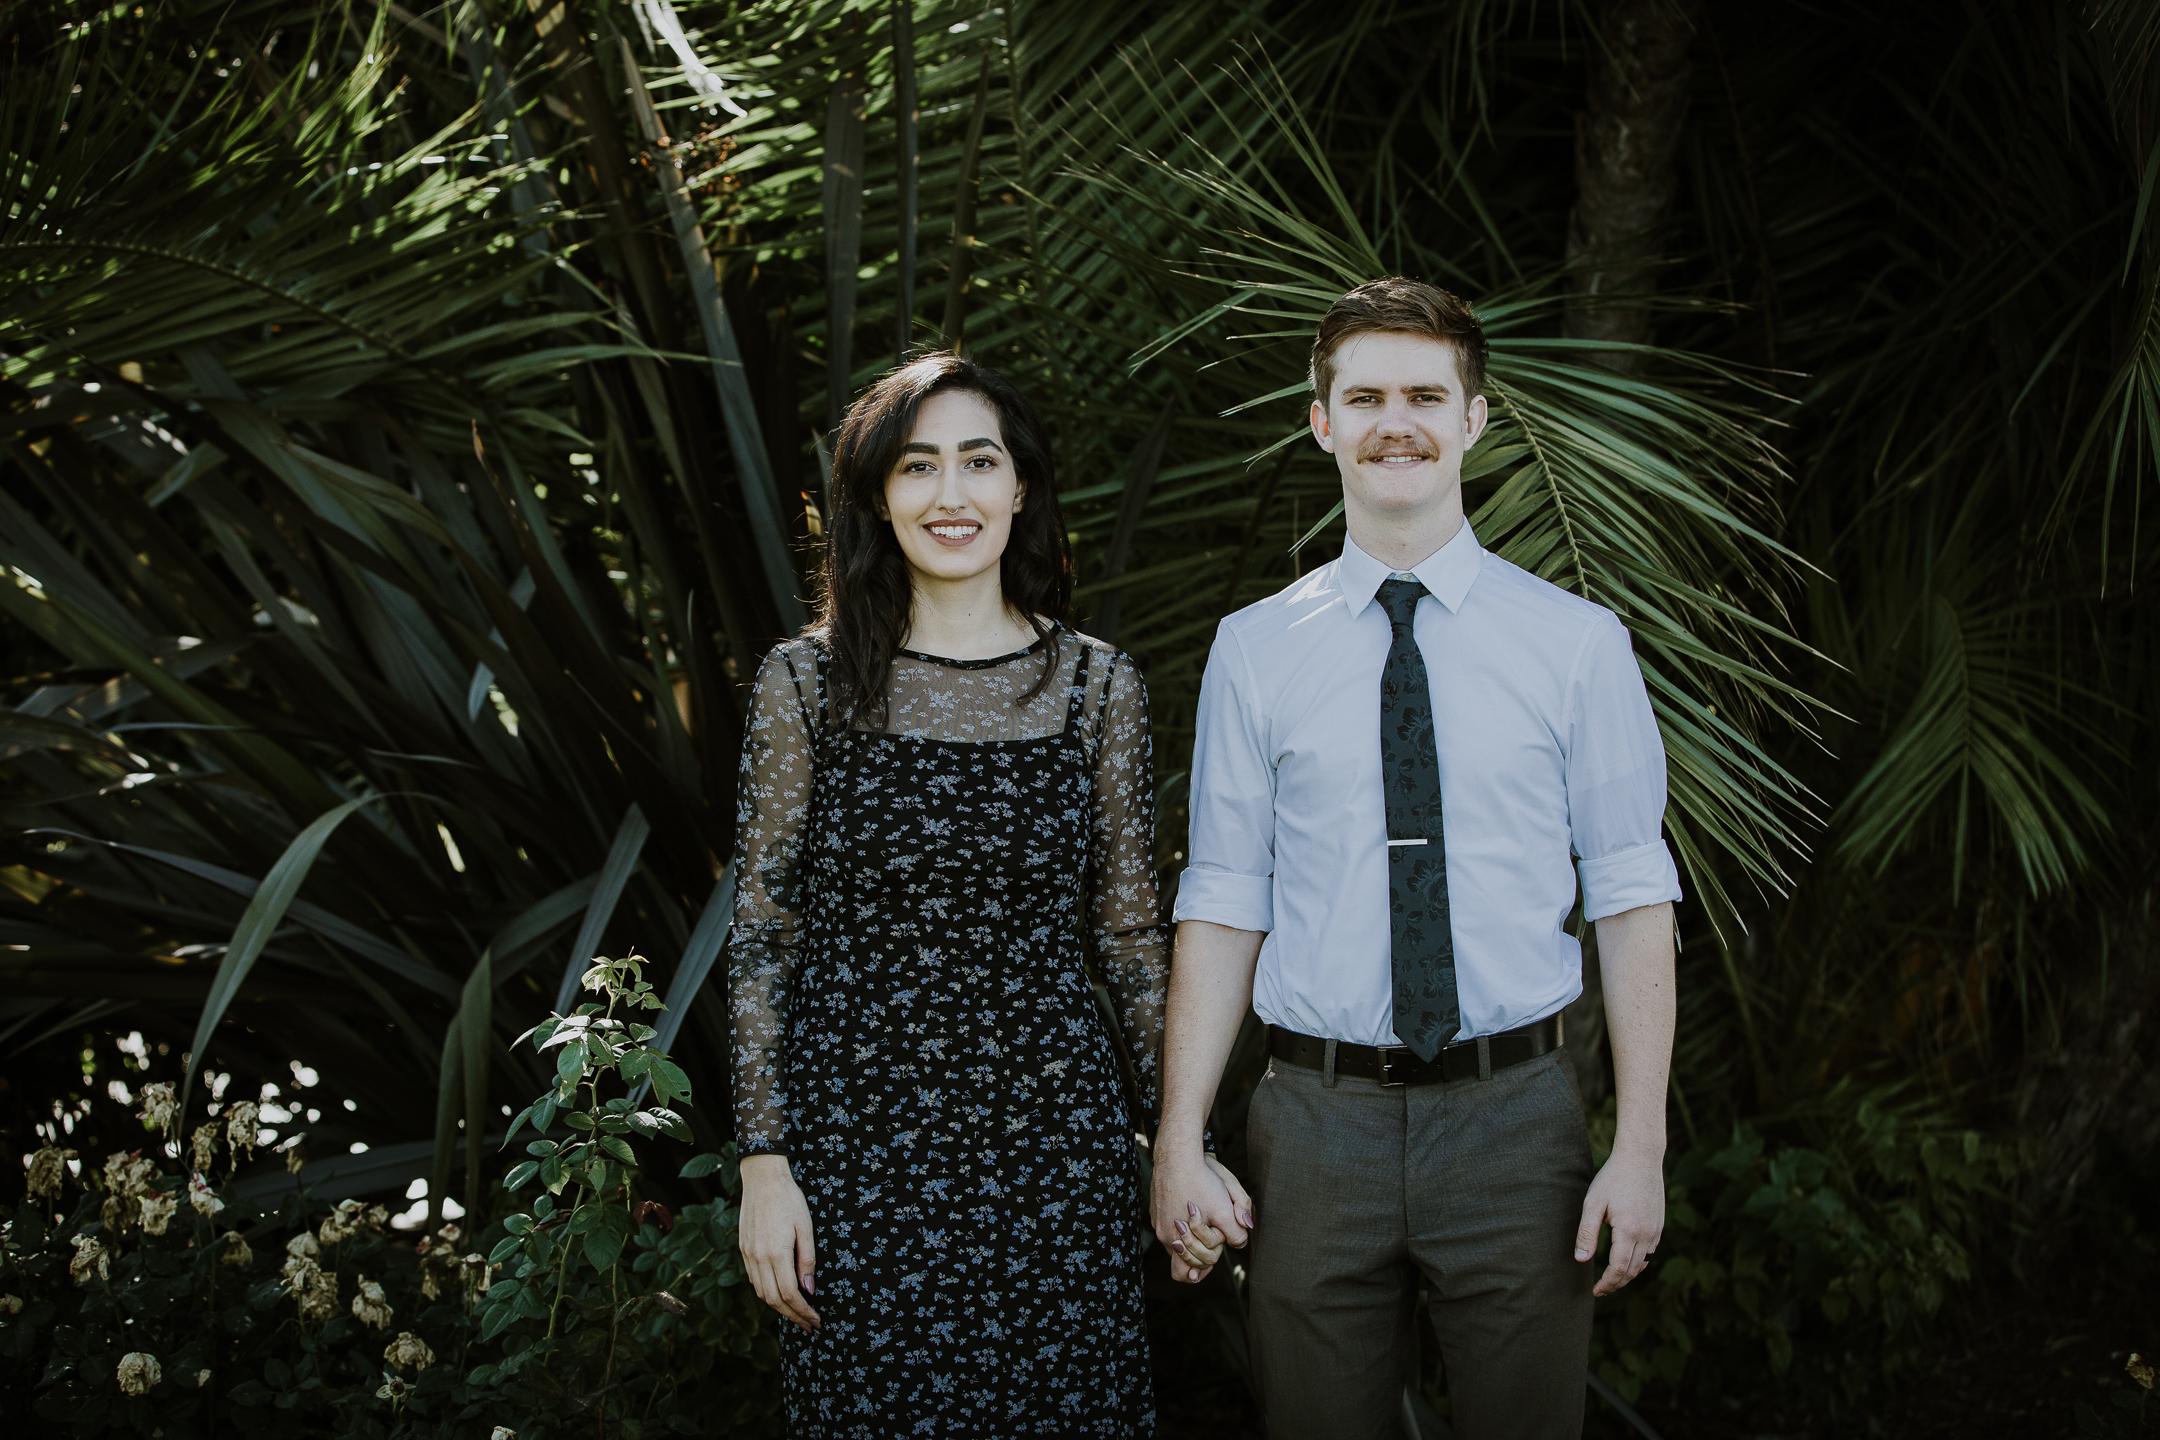 WEDDING photos: San Diego Courthouse Wedding